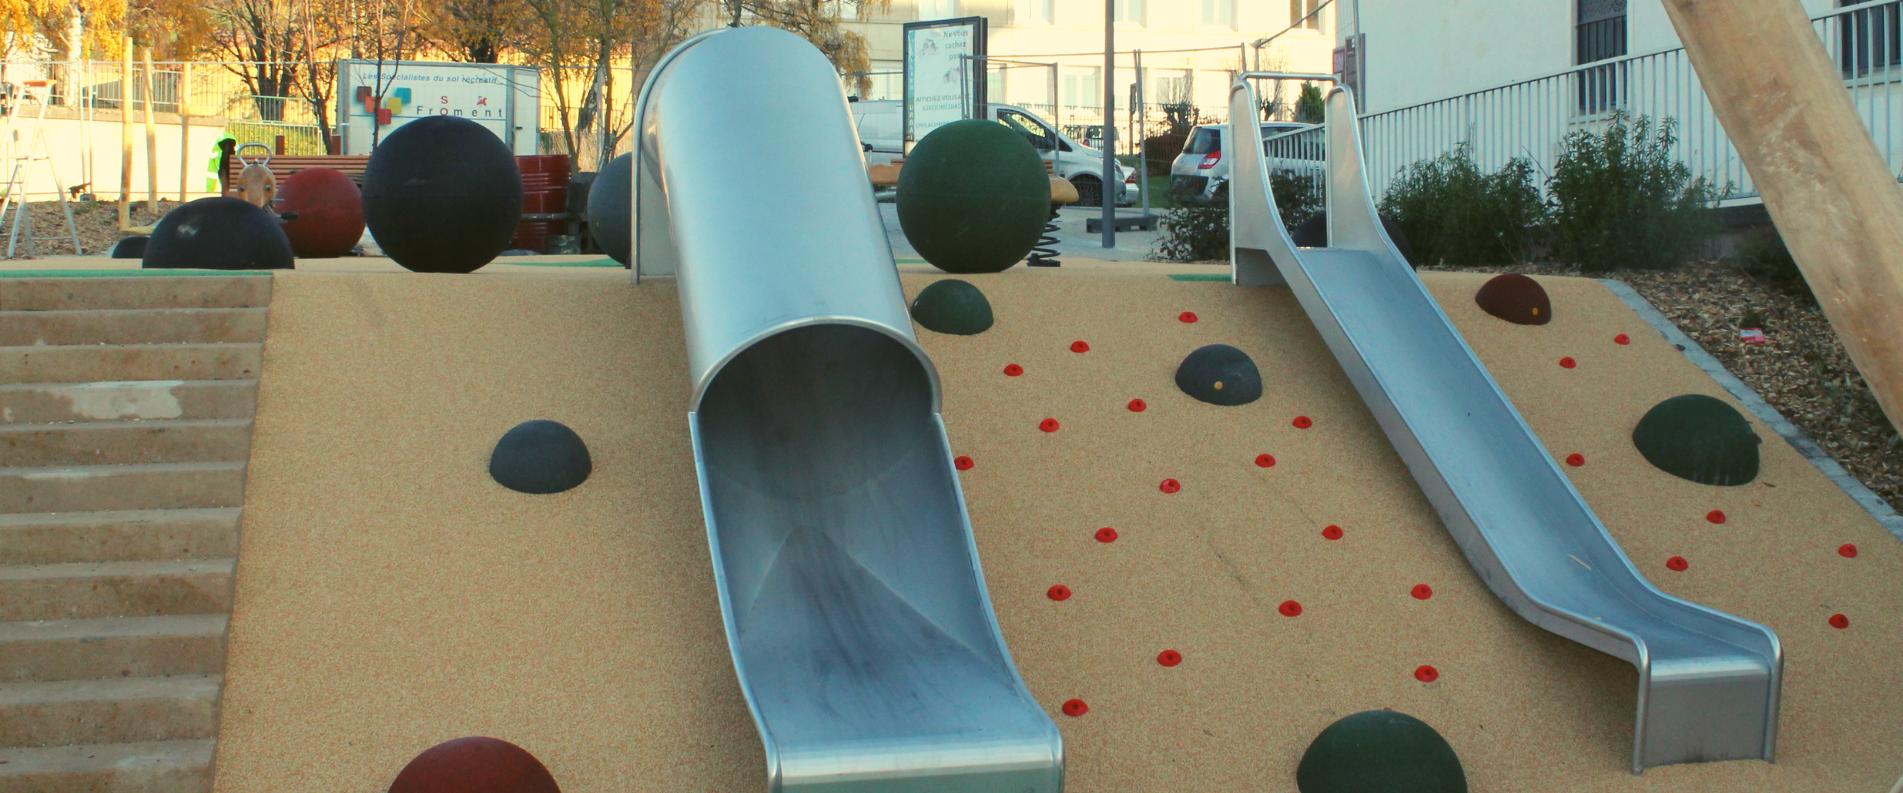 Sauvegrain crée des aires de jeux en ville